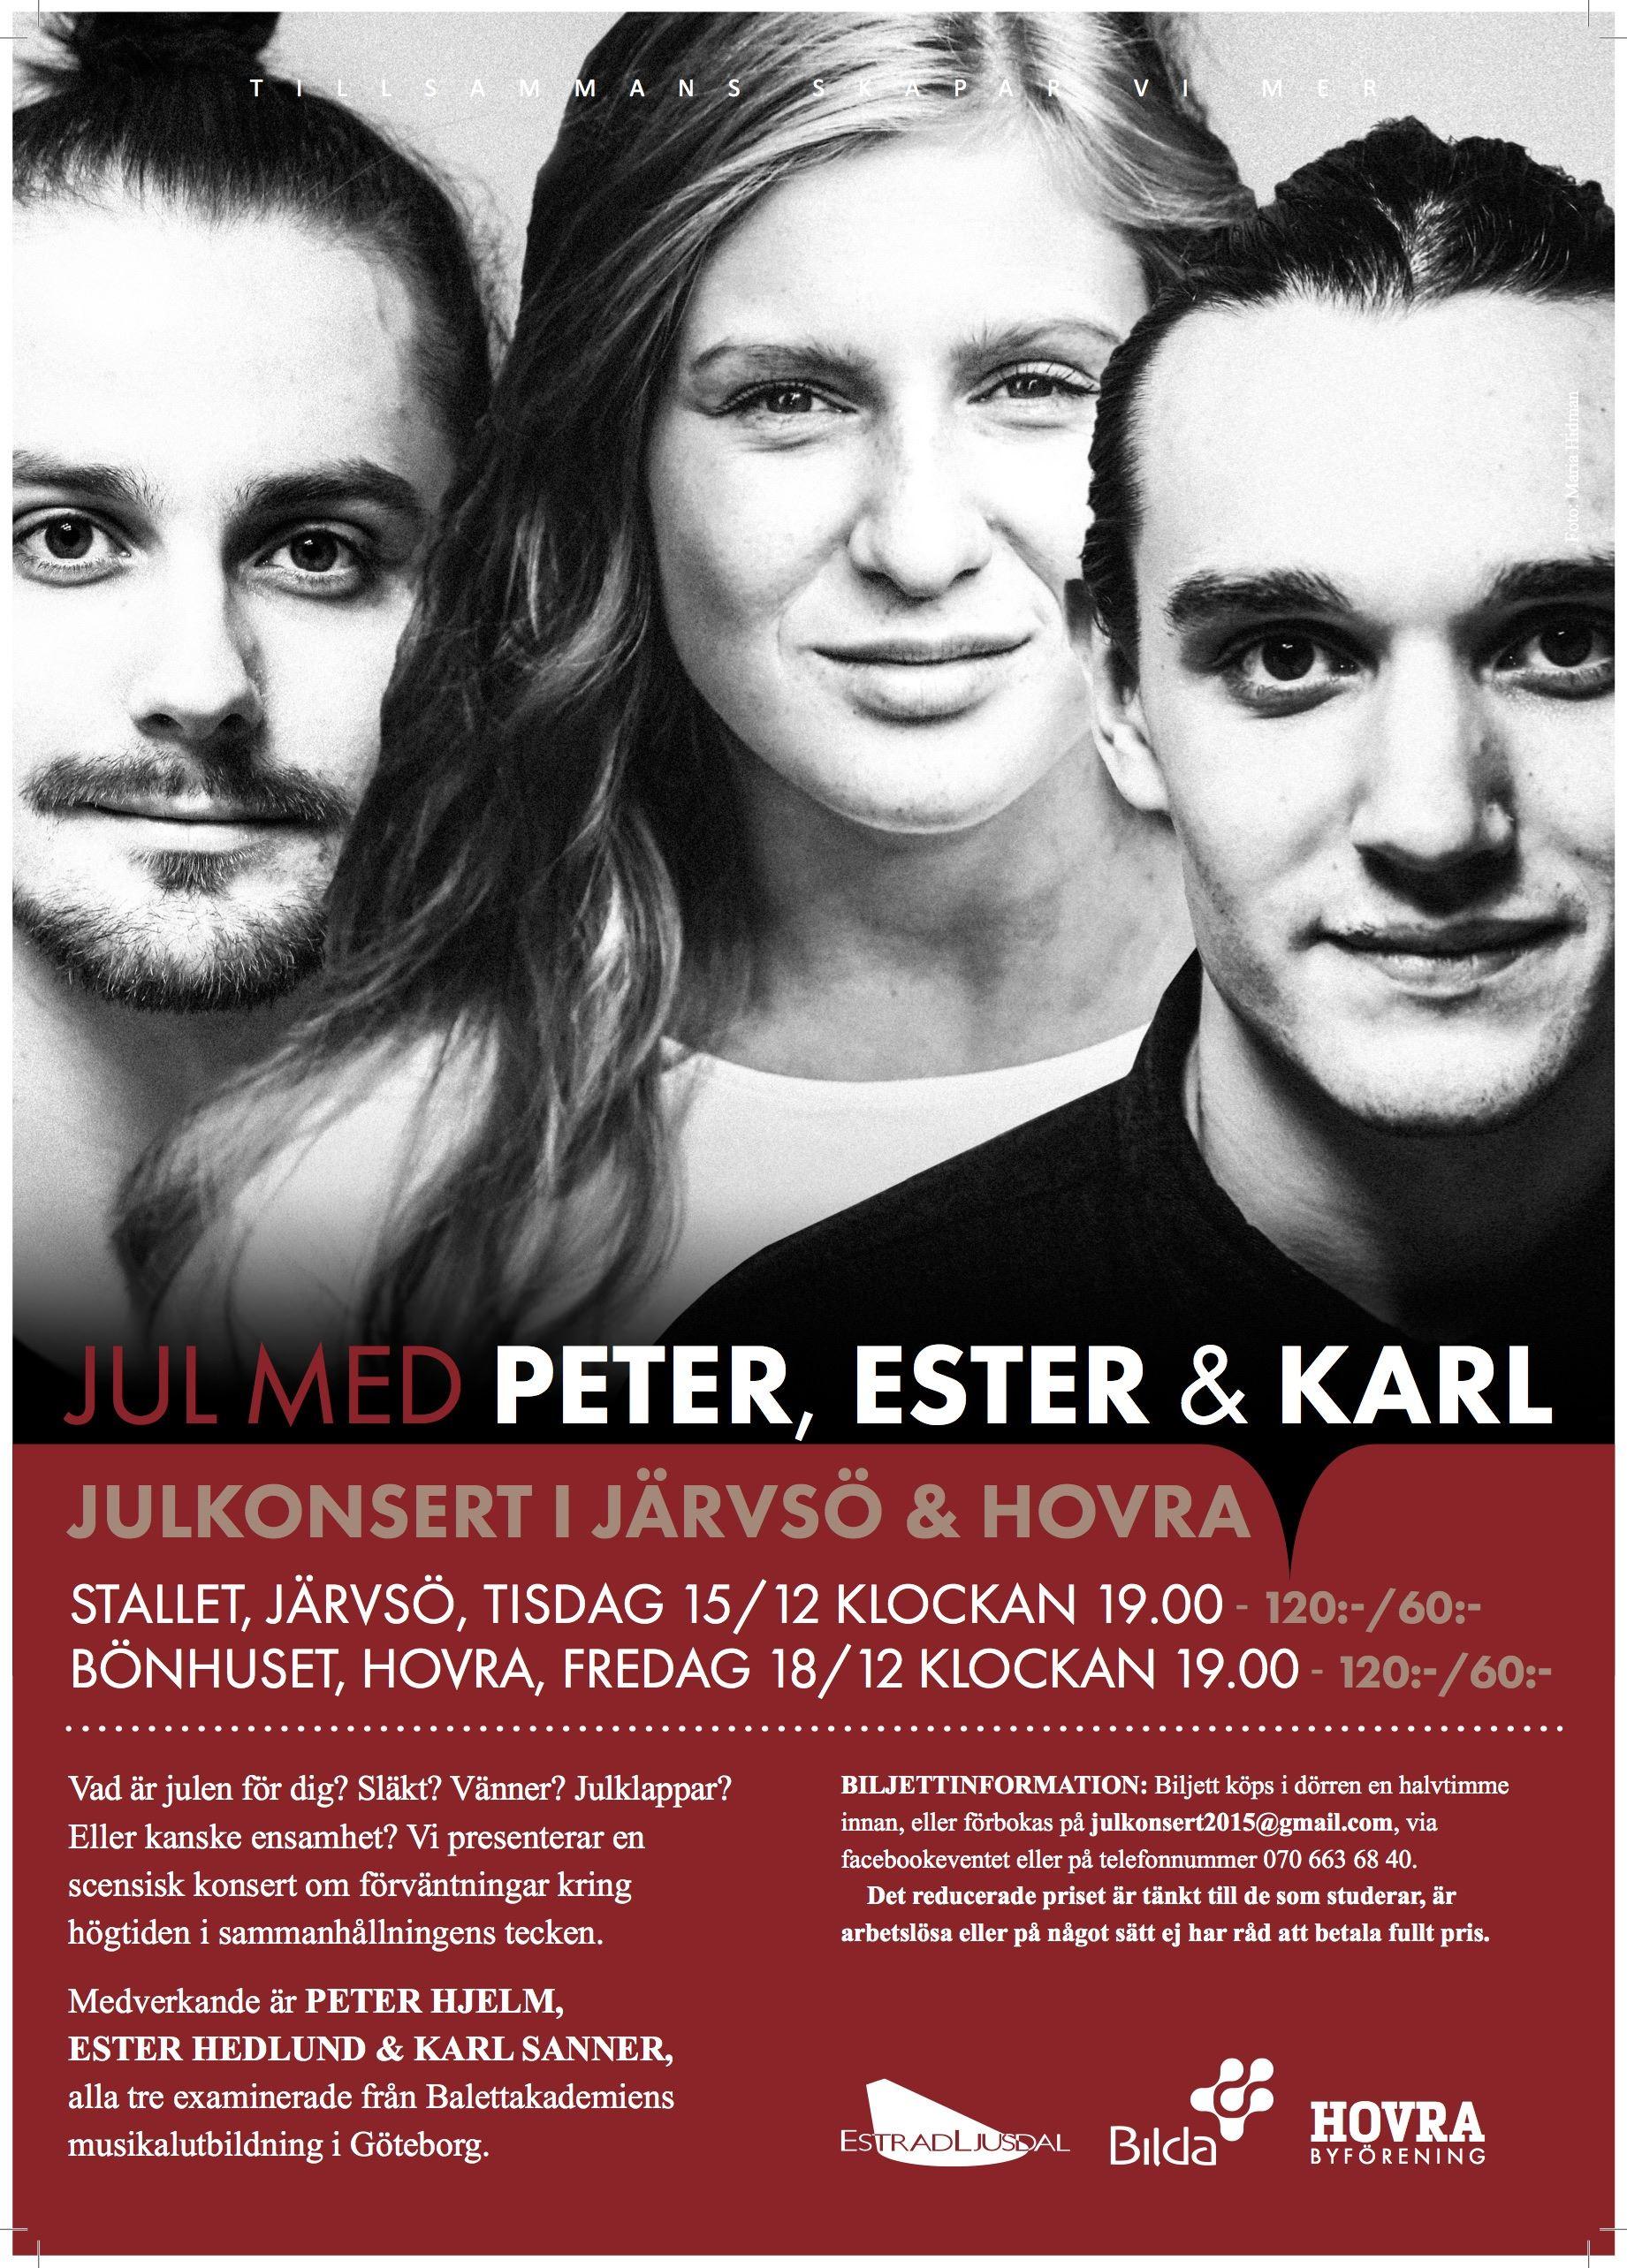 Jul med Peter, Ester & Karl på Stallet, Järvsö